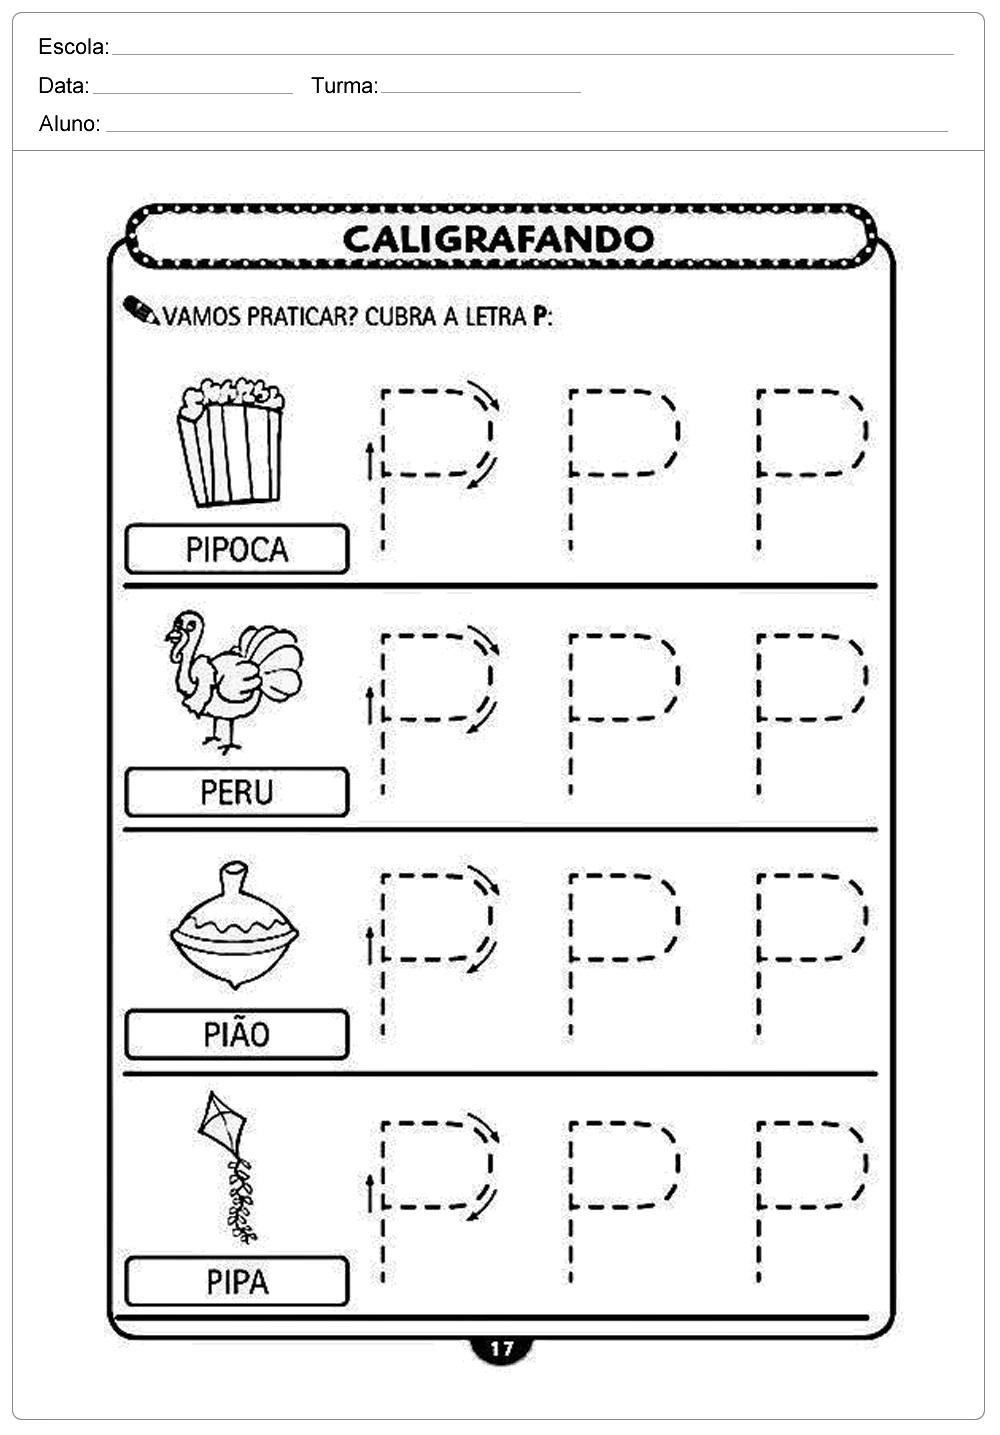 imprimir-atividade-de-caligrafia-letra-P